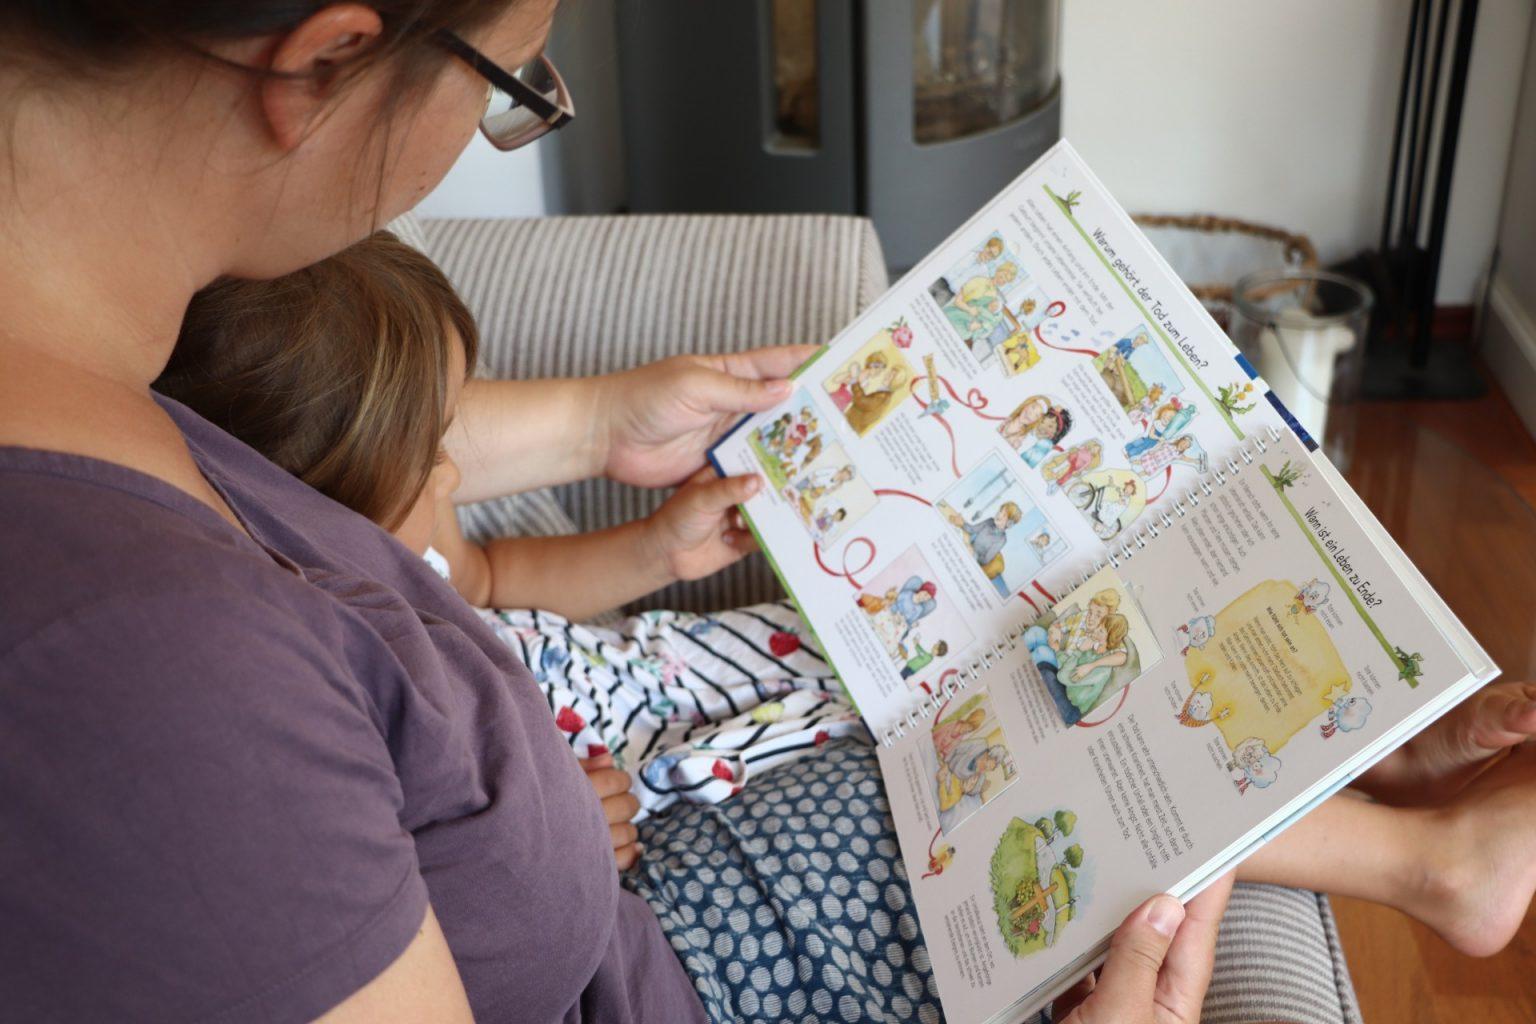 Tod erklären Kinderbuch Tipp